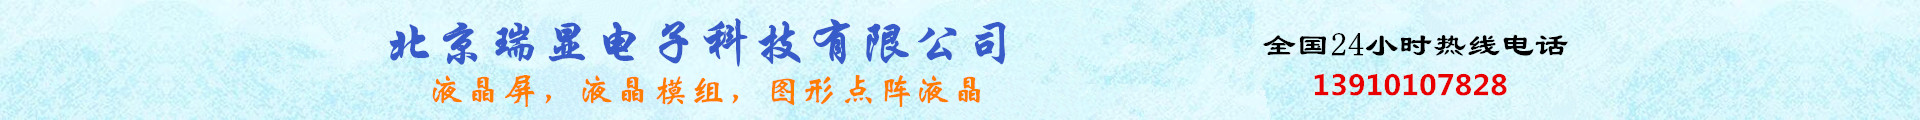 北京瑞显电子科技有限公司